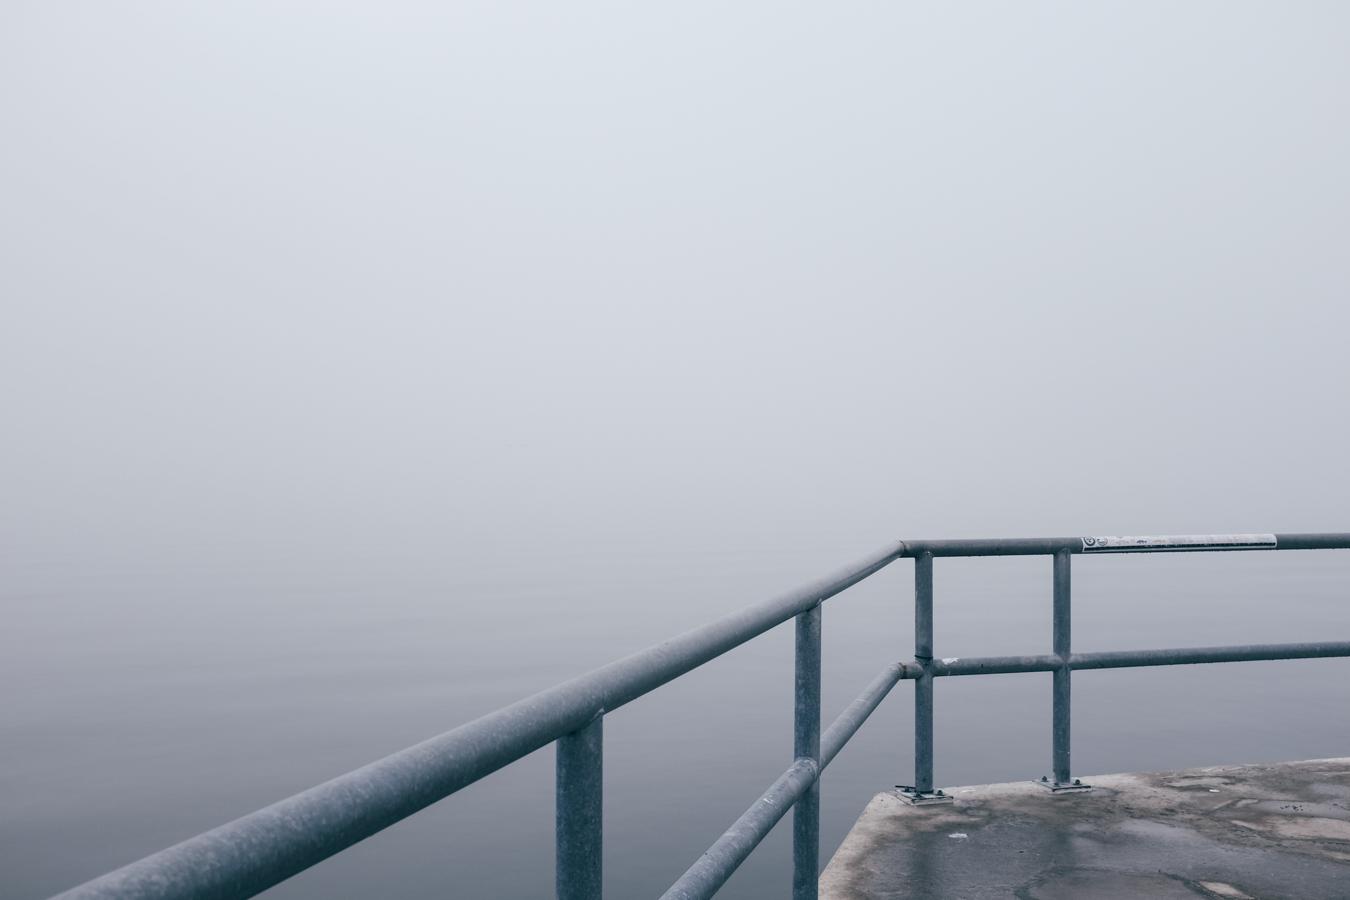 KK_foggybeach-1505.jpg